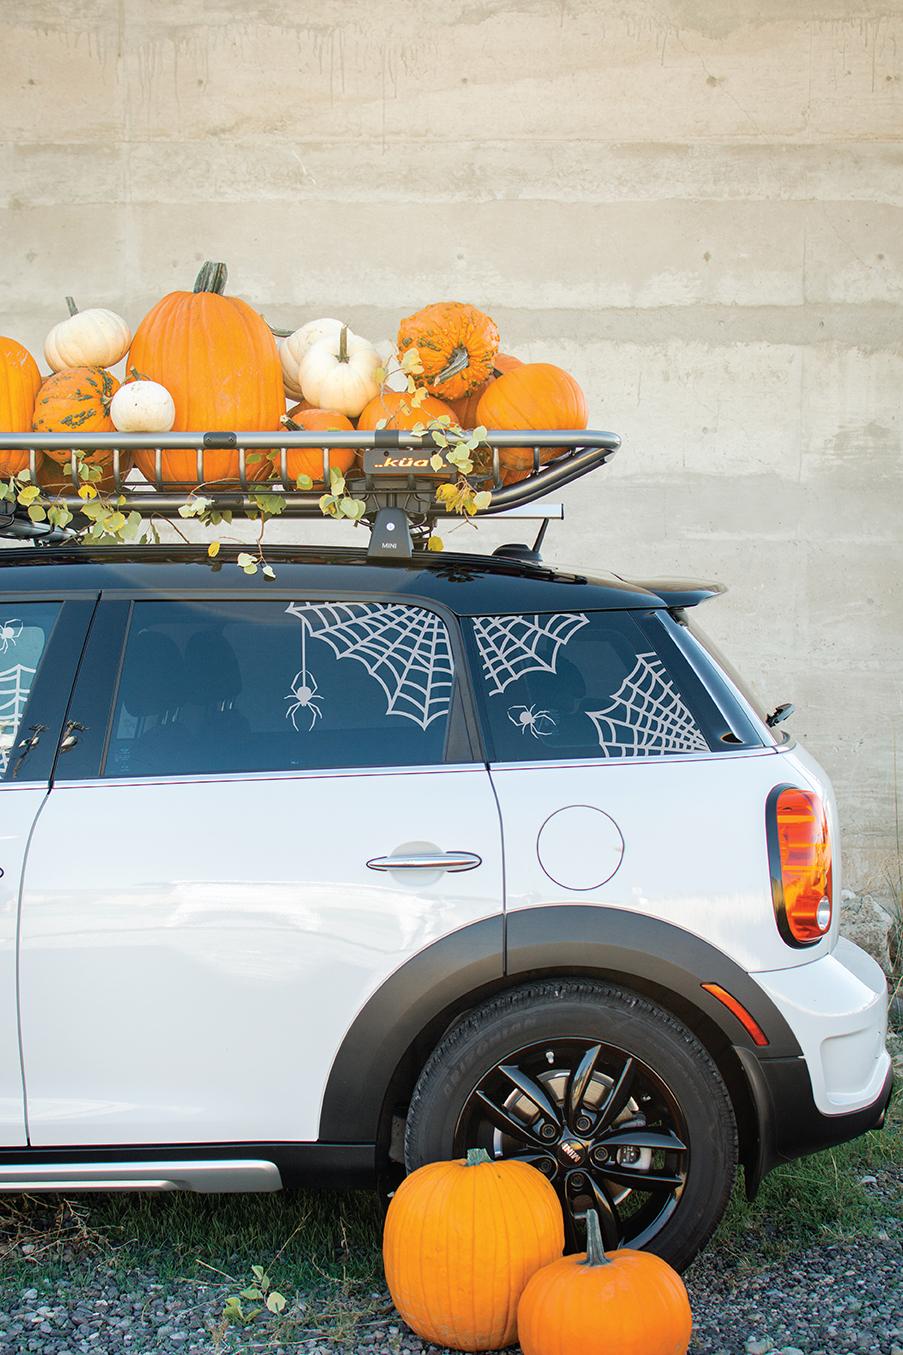 Pumpkin Patch Car